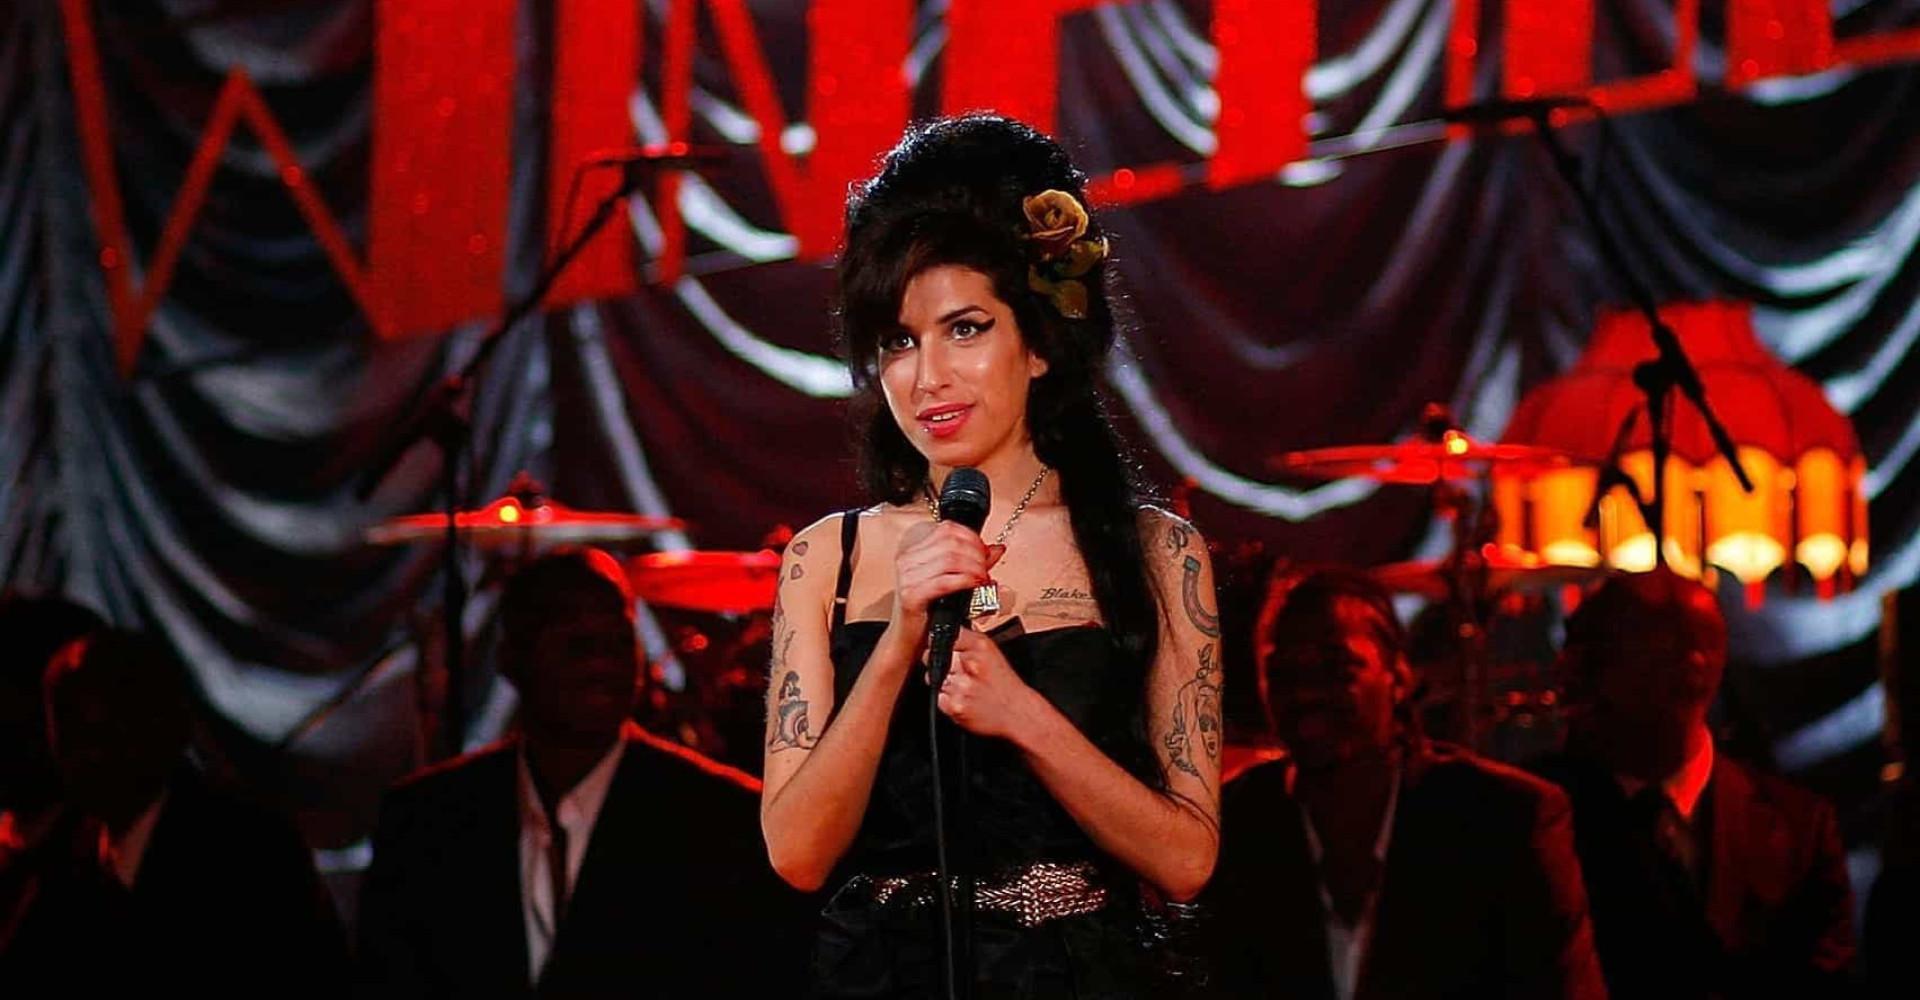 Amy Winehouse et autres artistes aux albums posthumes